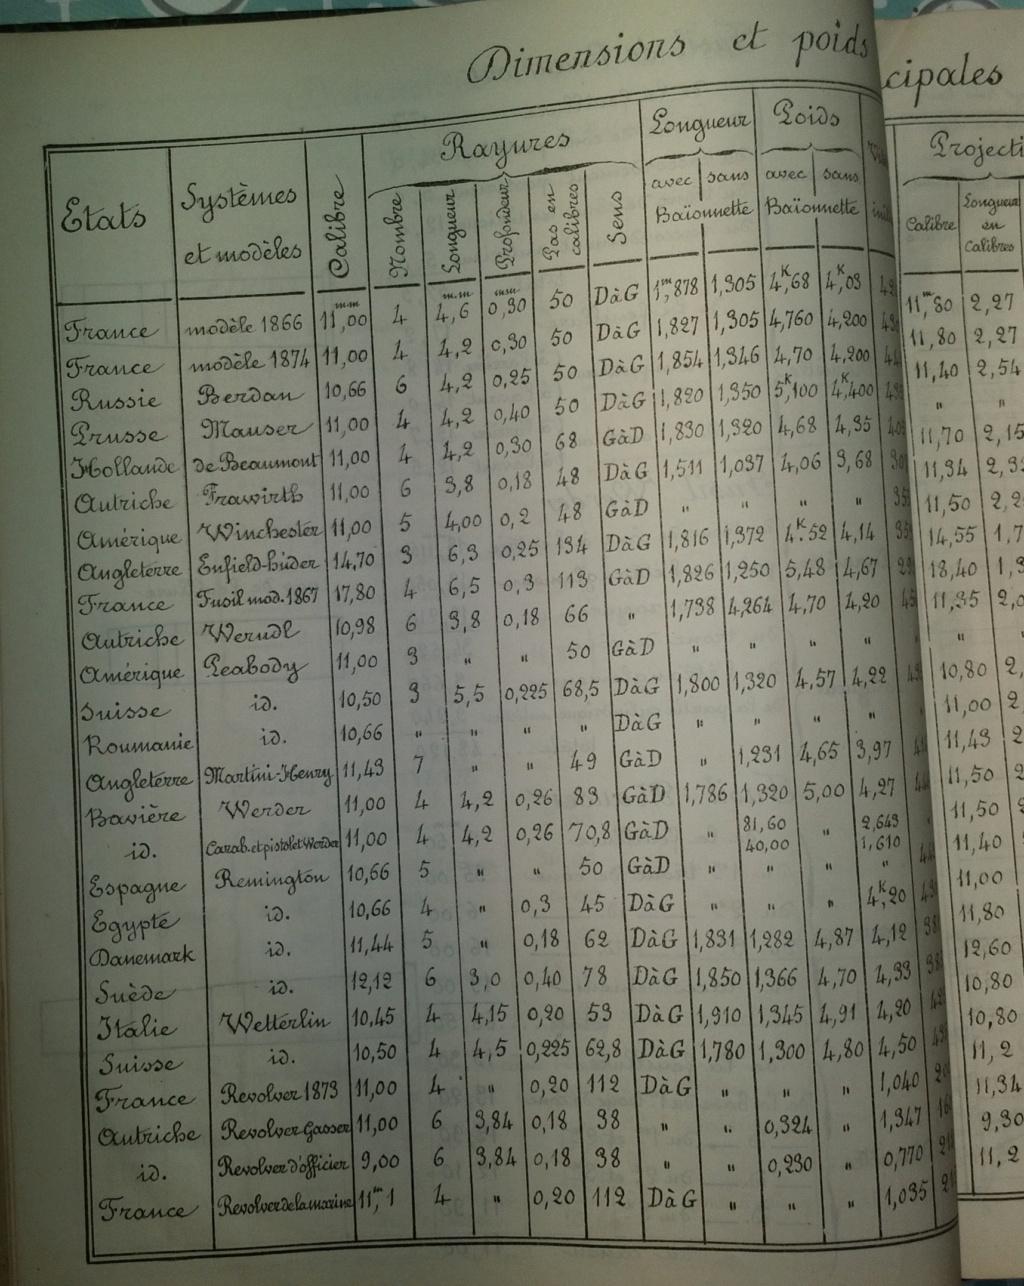 Instruction sur les armes et les munitions en service - Texte et planches - 1905 - France - Page 2 Hector12